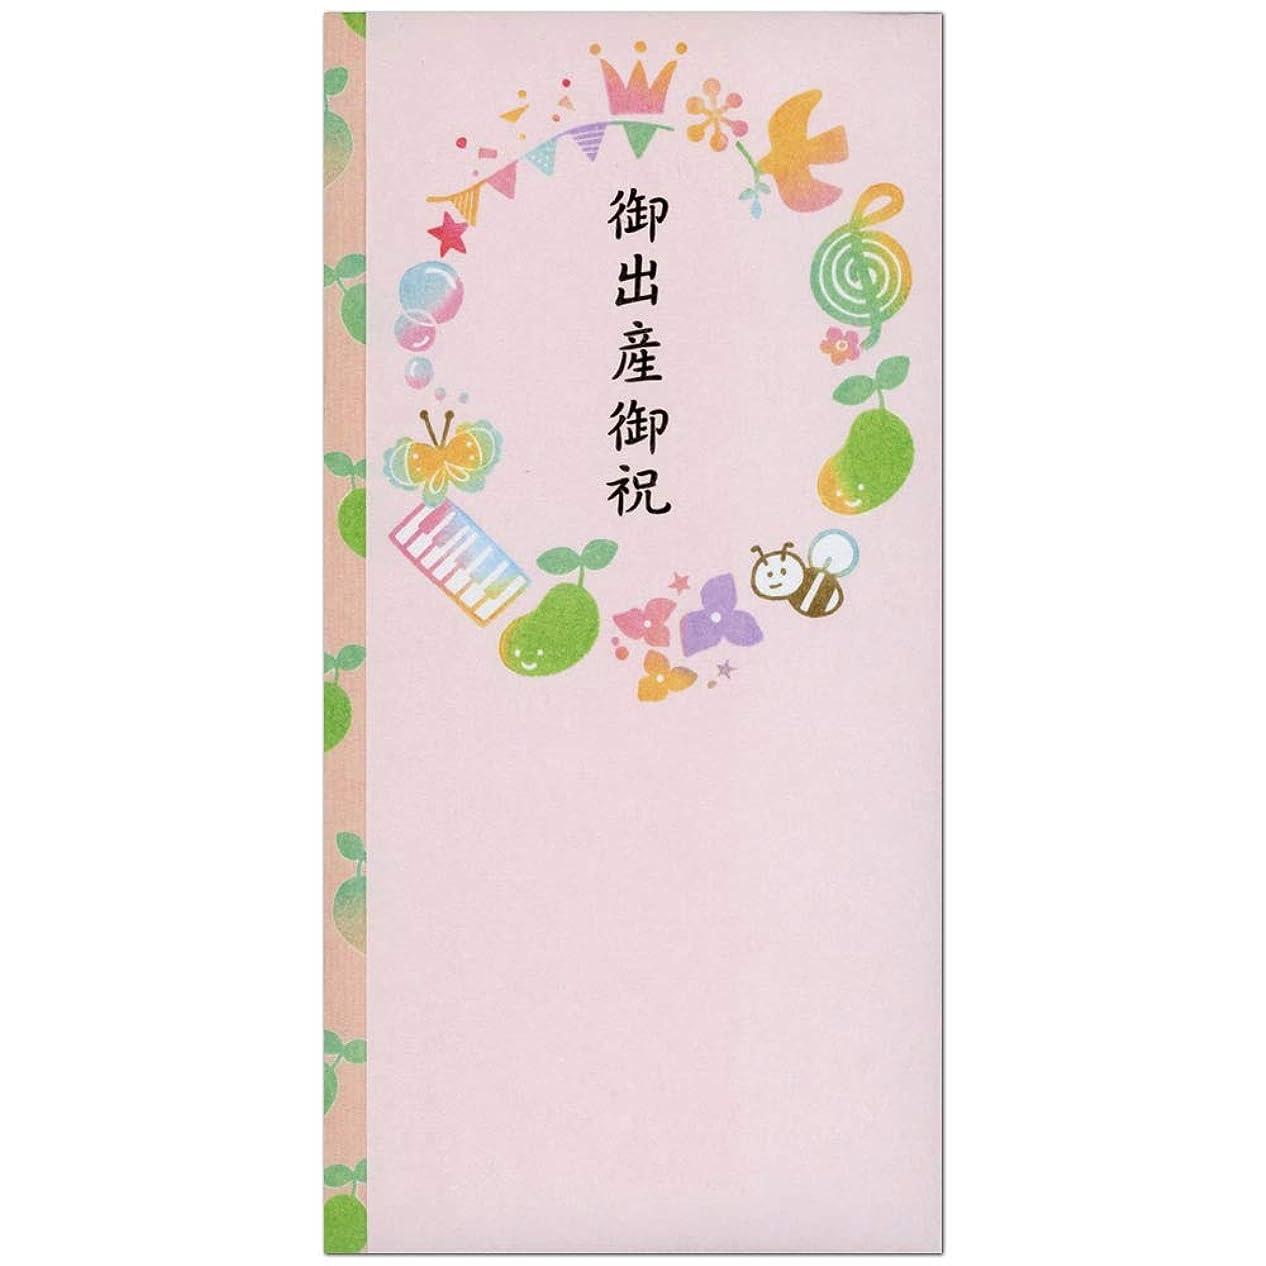 突っ込むブリーク耐えられるフロンティア 祝儀袋 出産祝 はんこ新芽 SG?183 ピンク